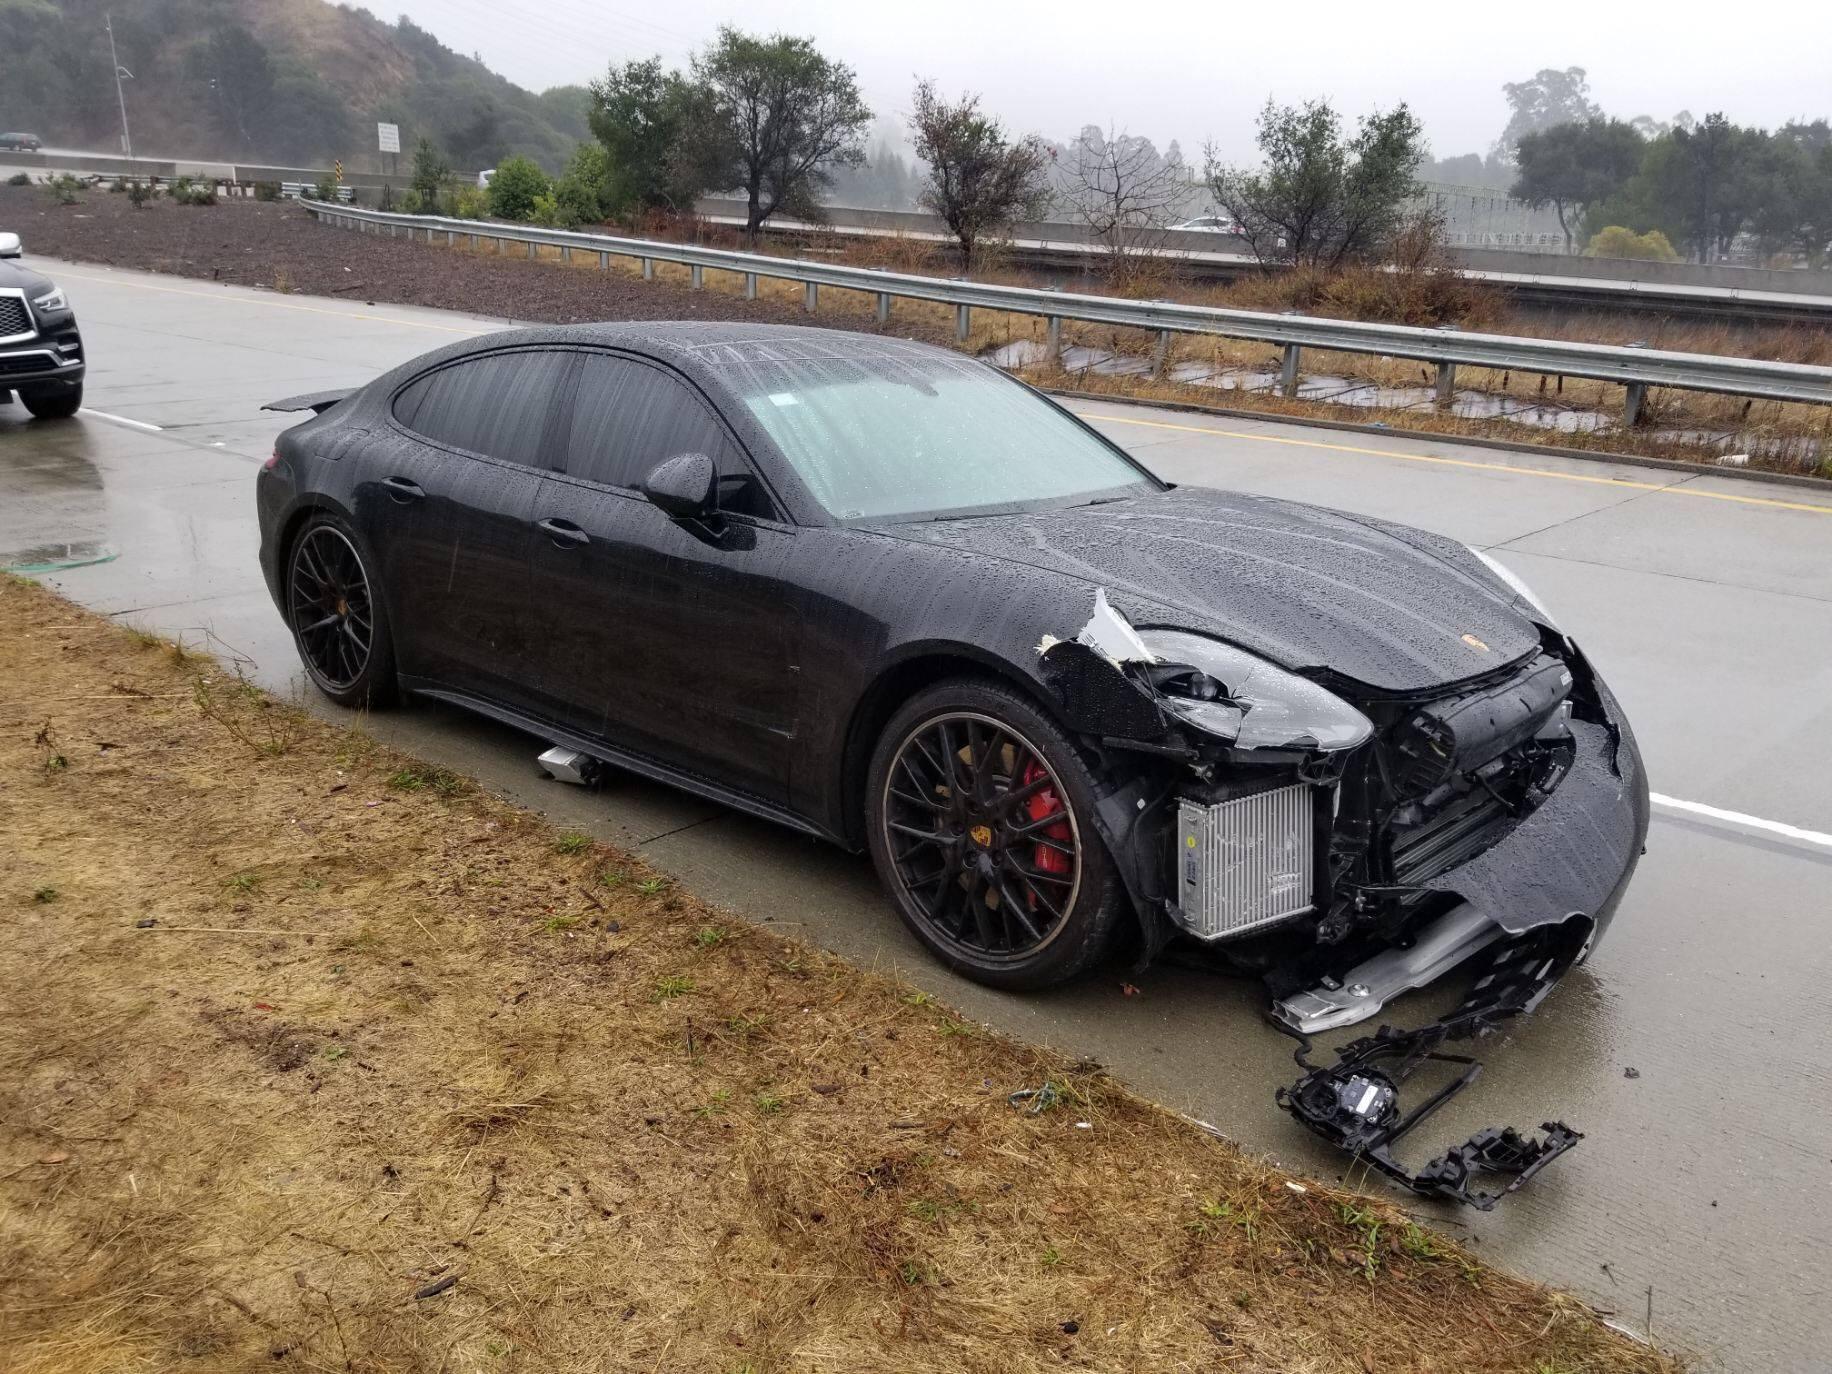 Stephen Curry gặp tai nạn giao thông: Fan Golden State Warriors hoang mang tột độ - Ảnh 1.